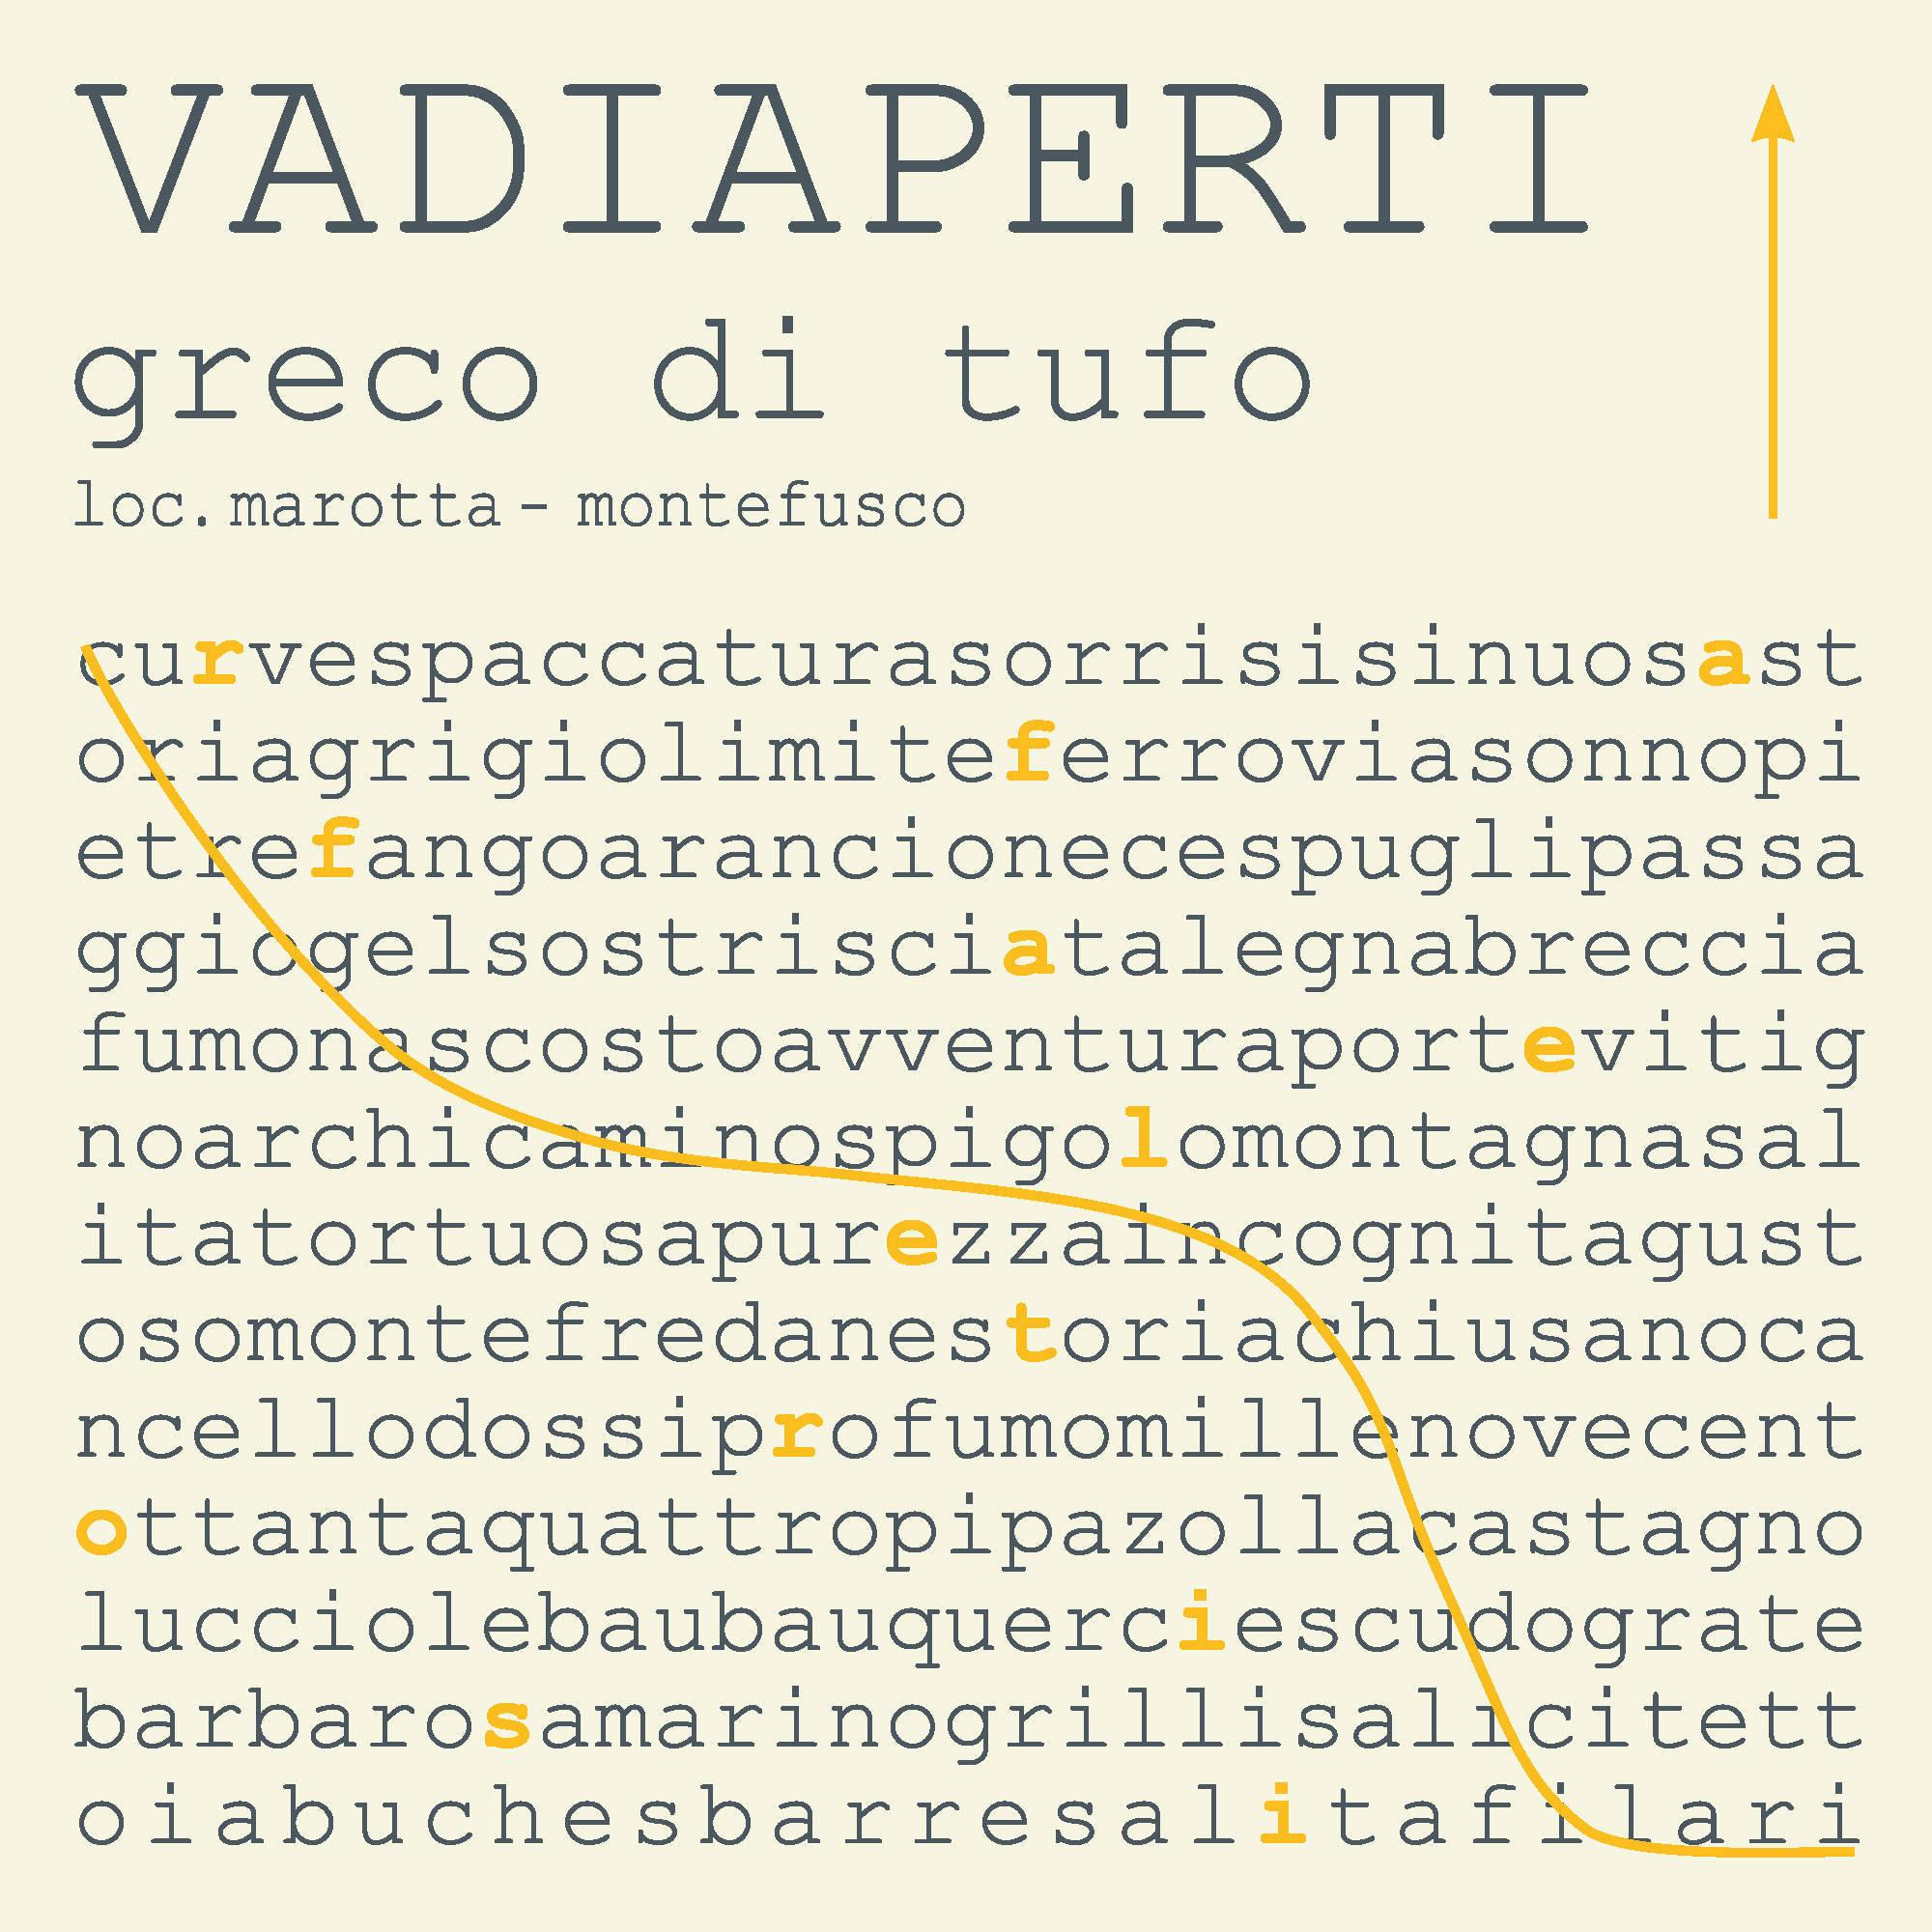 Viadiaperti_greco.jpg